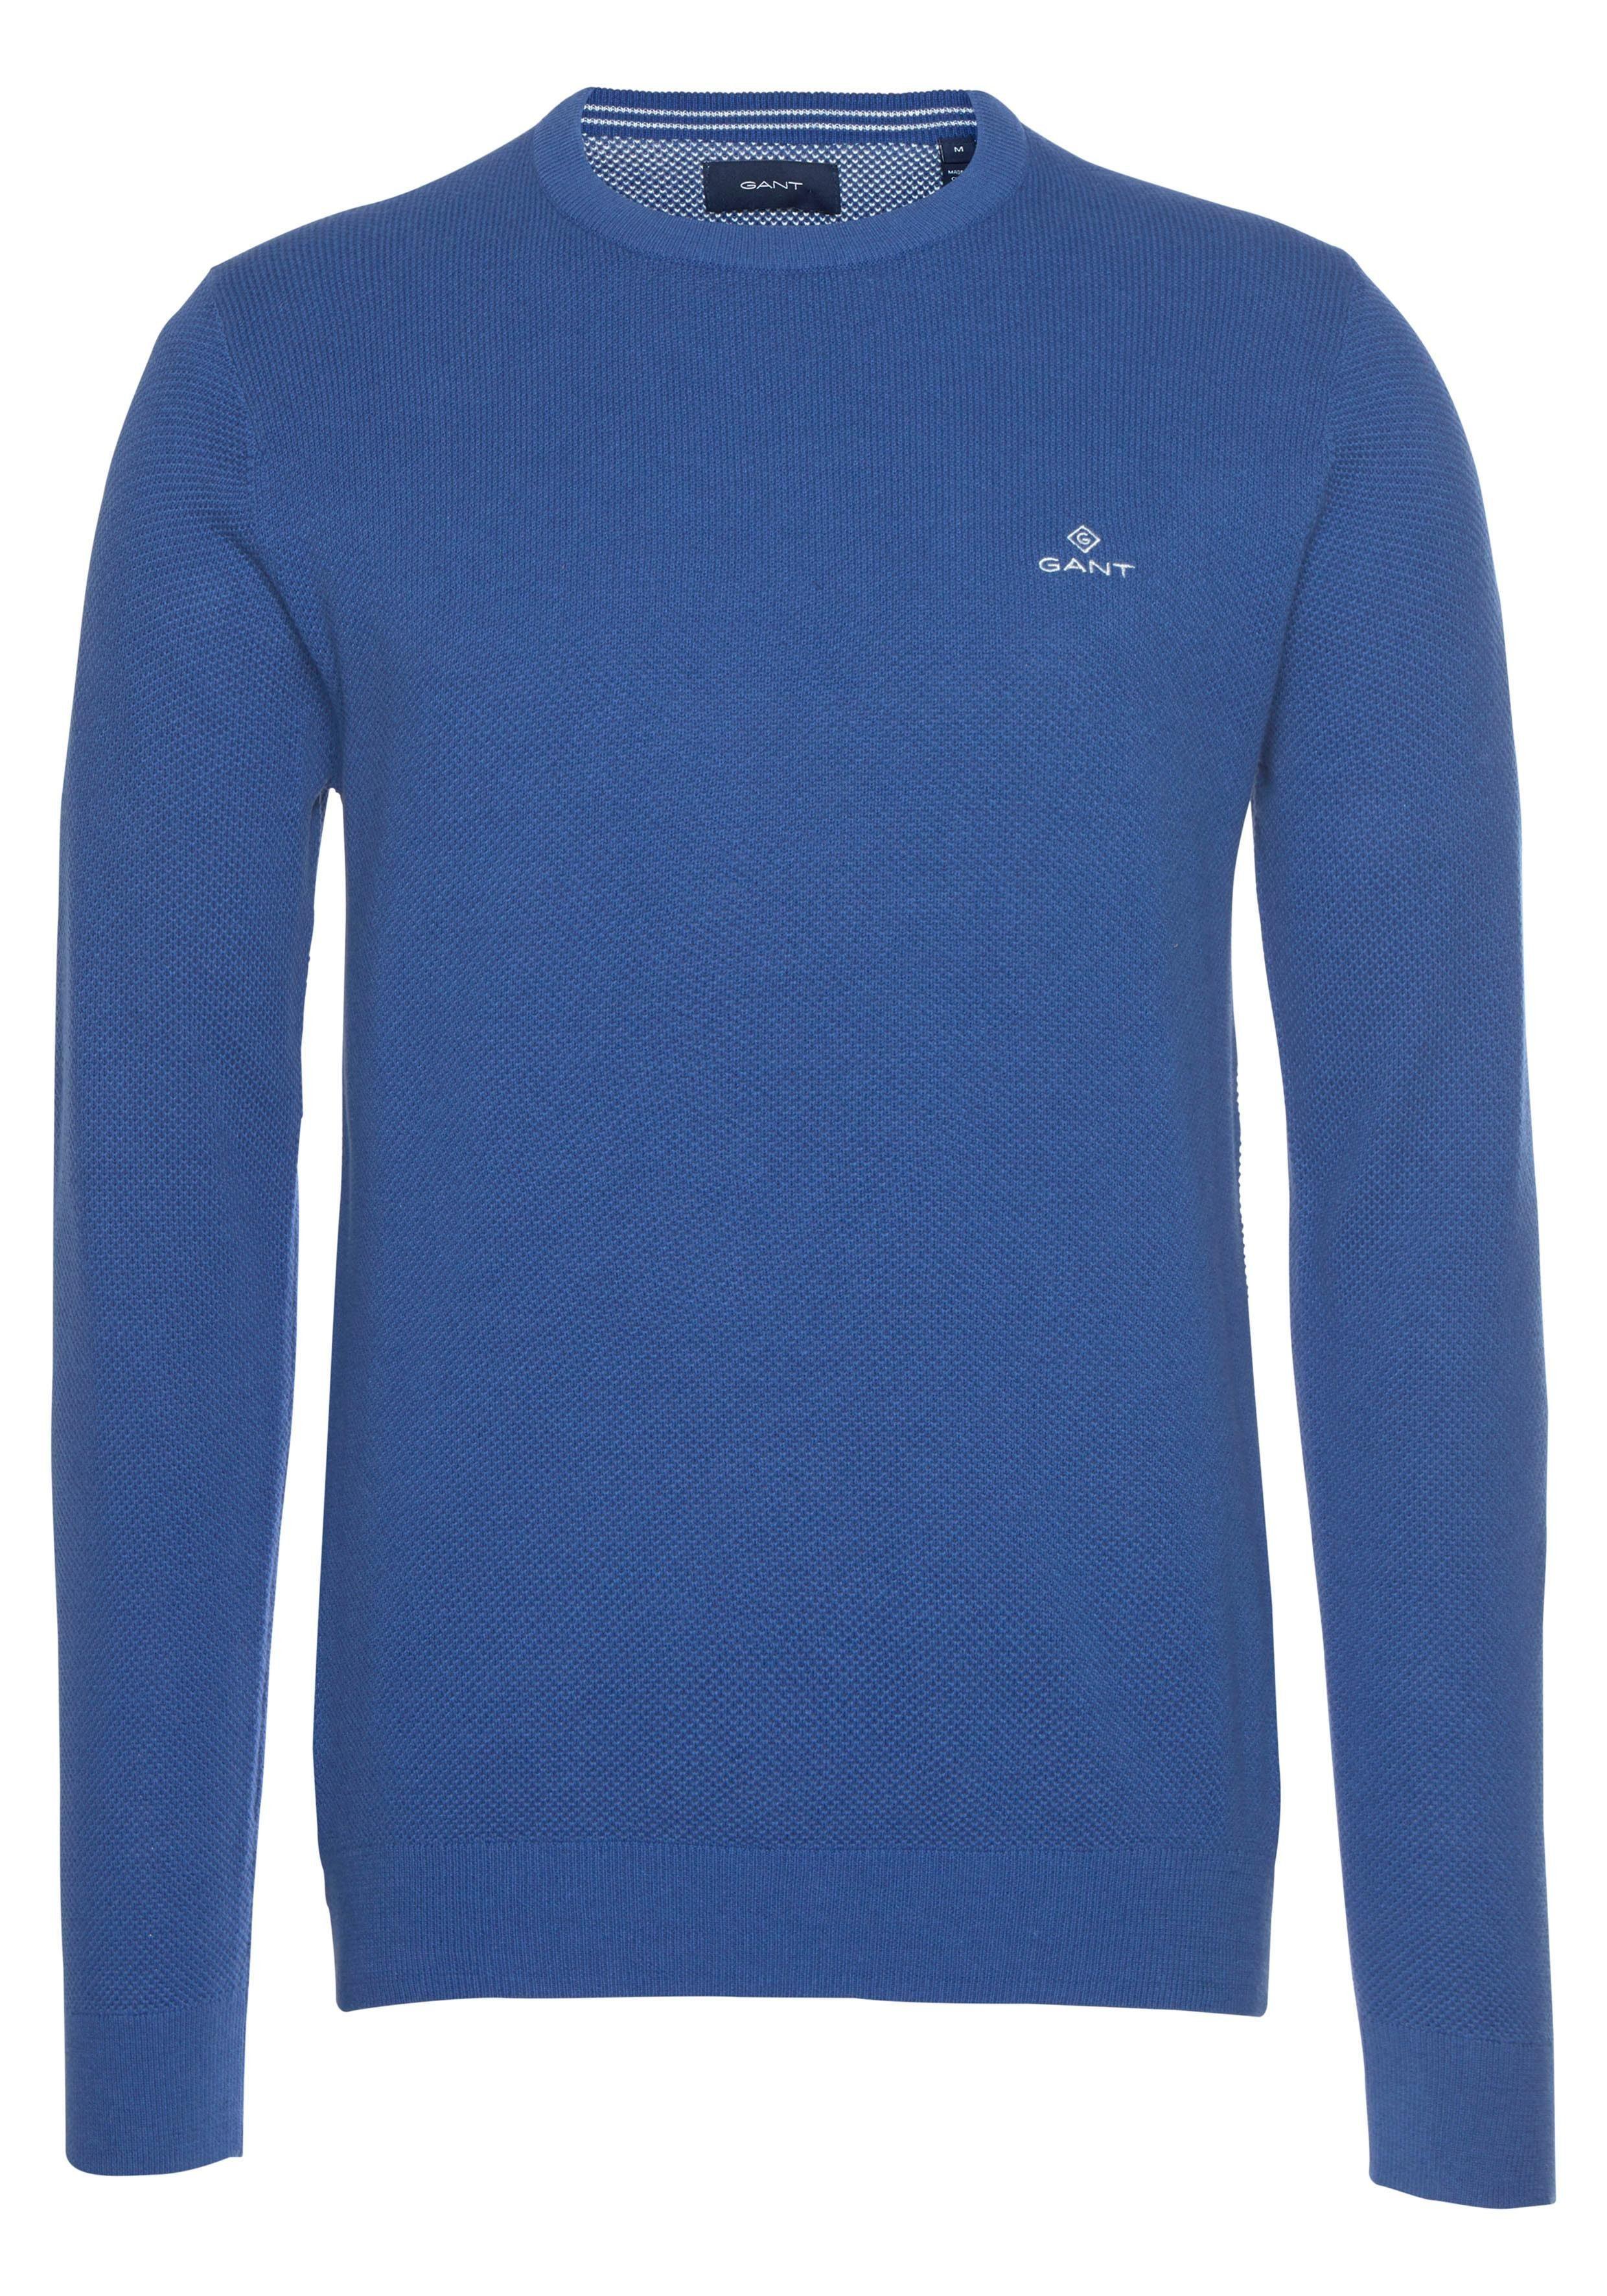 Blauwe Gant truien kopen? | BESLIST.nl | Lage prijs